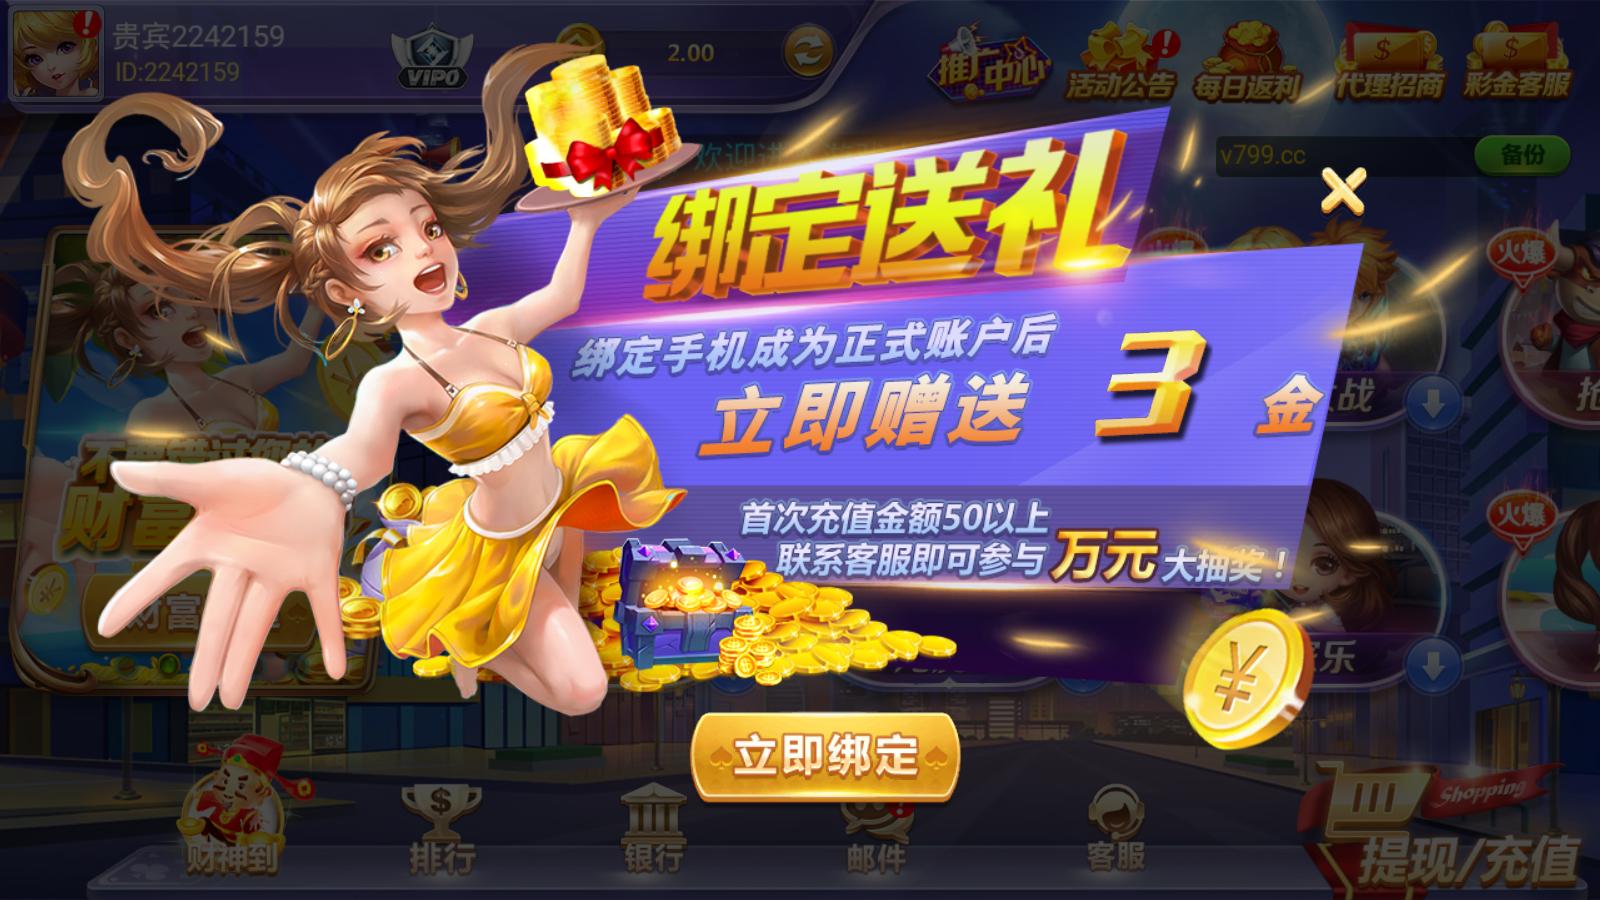 金鸡娱乐app截图